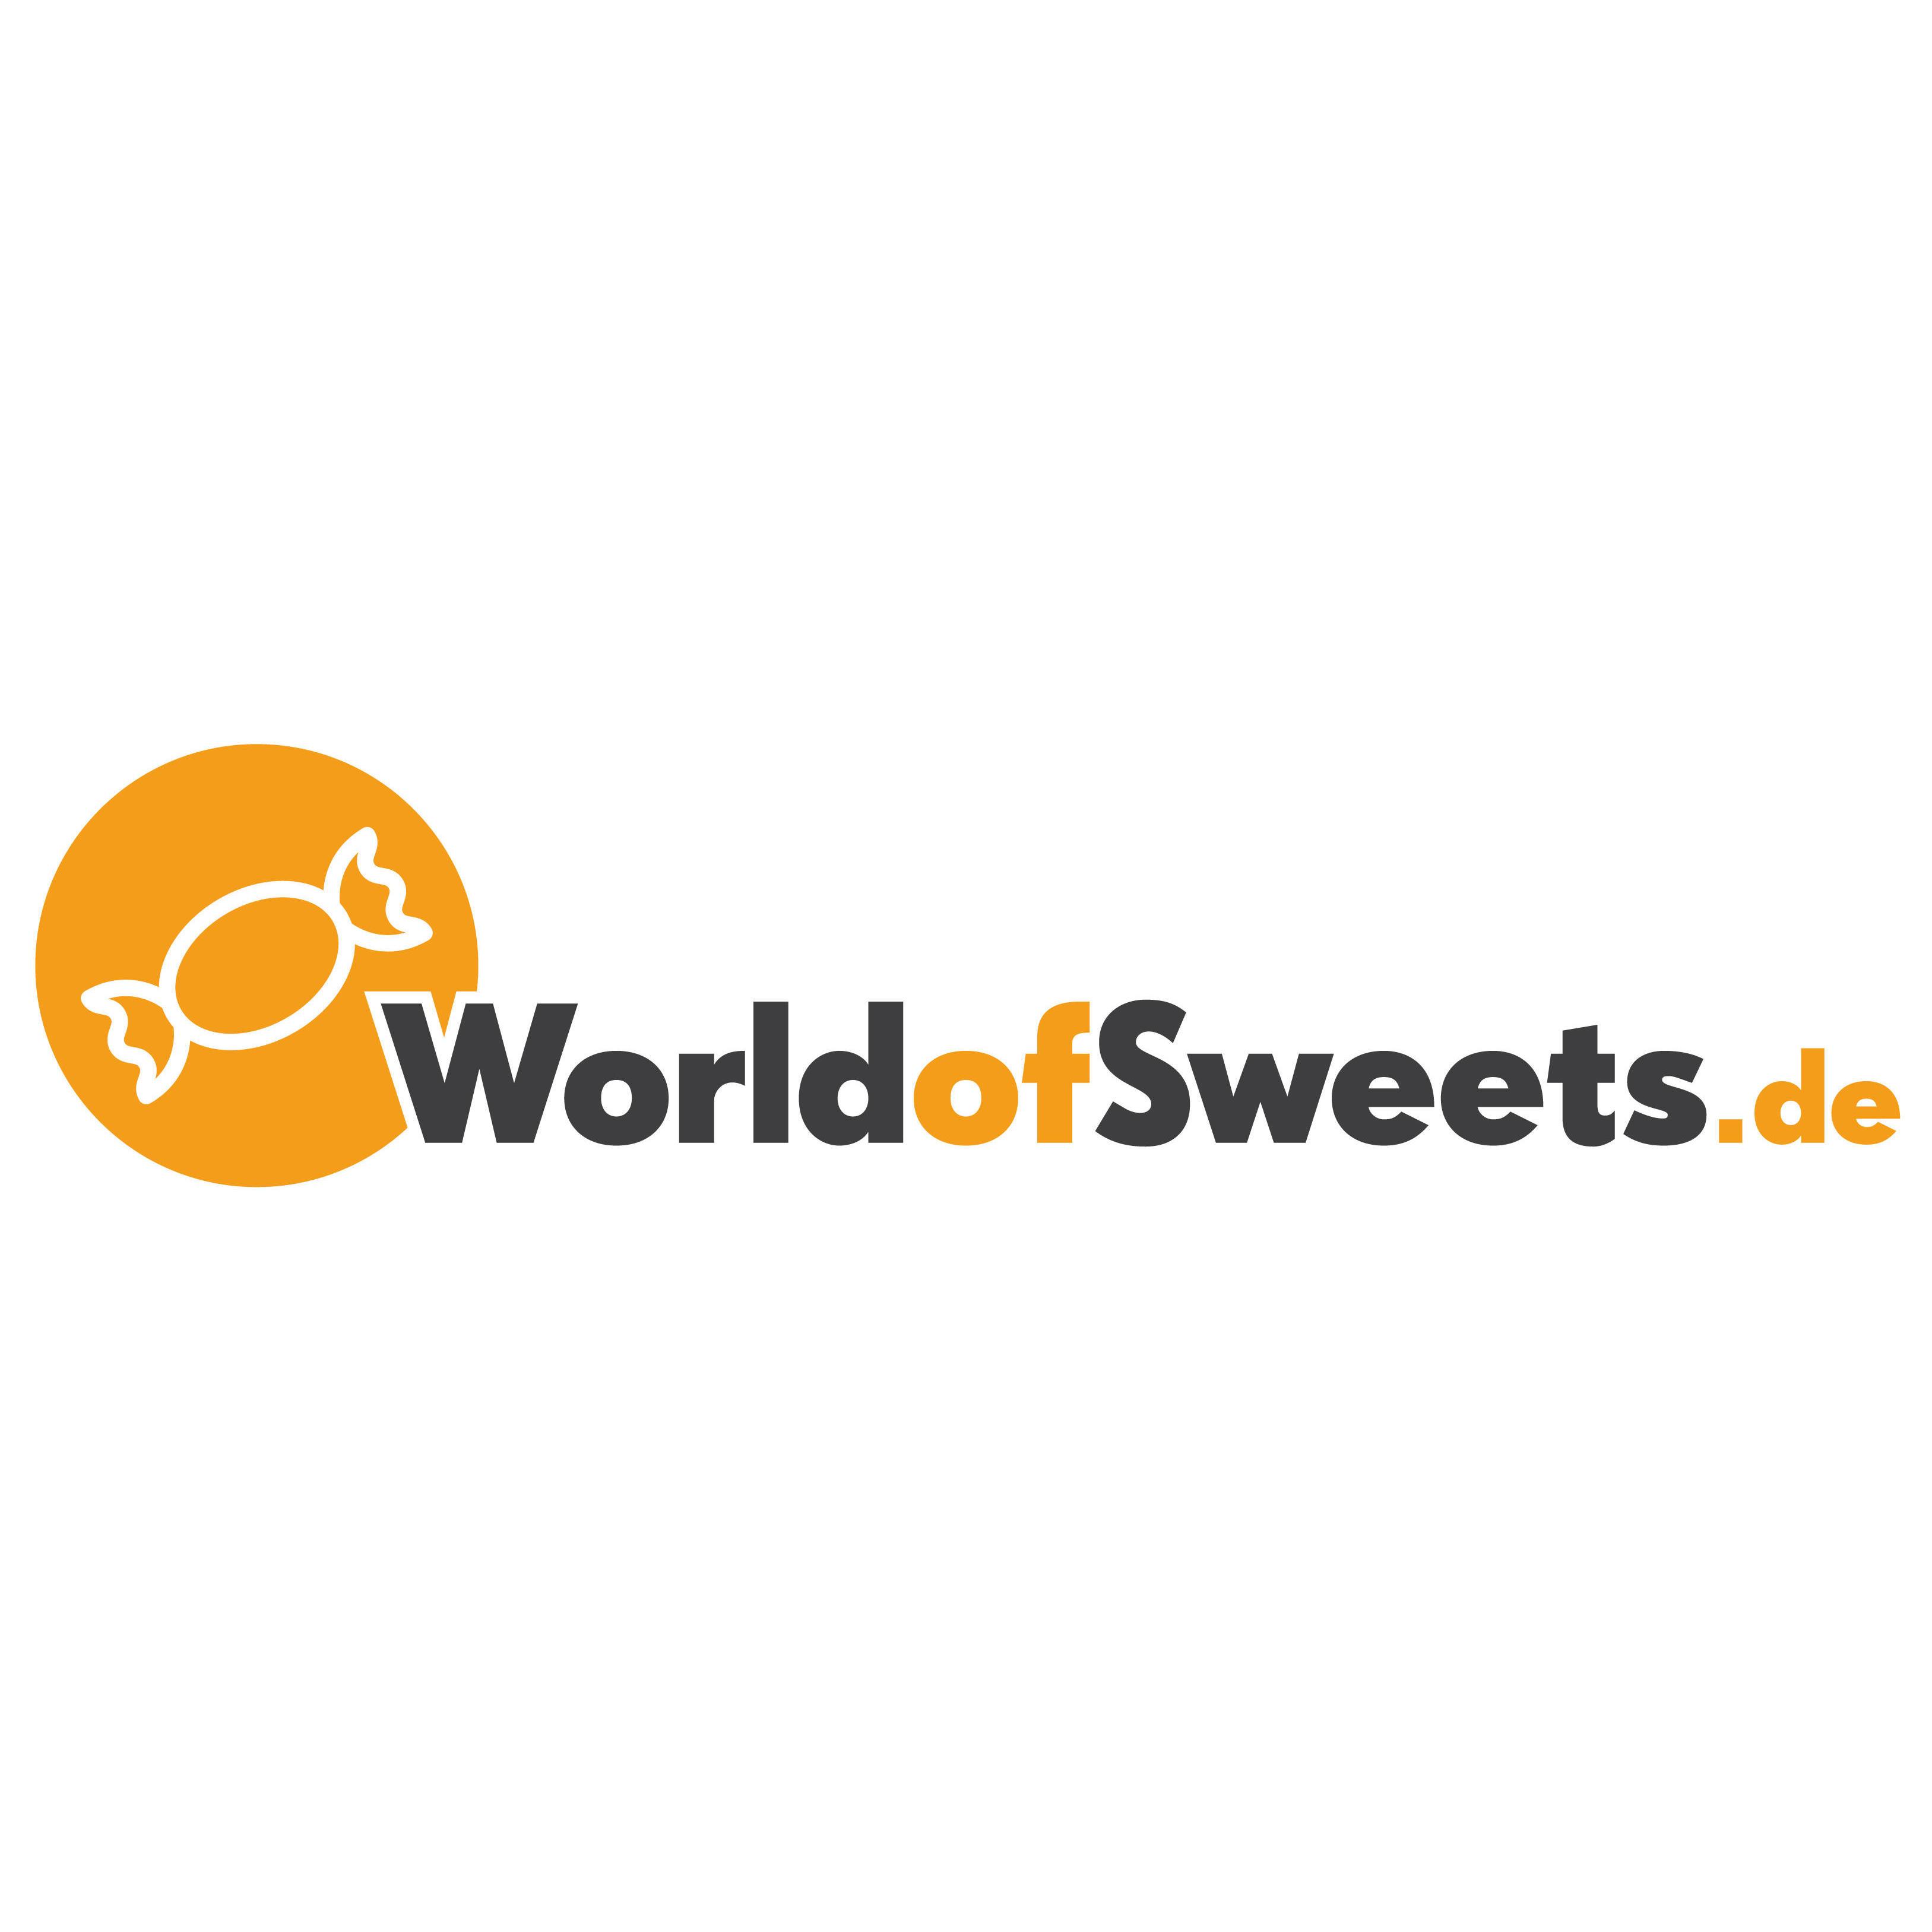 Bild zu World of Sweets GmbH in Henstedt Ulzburg